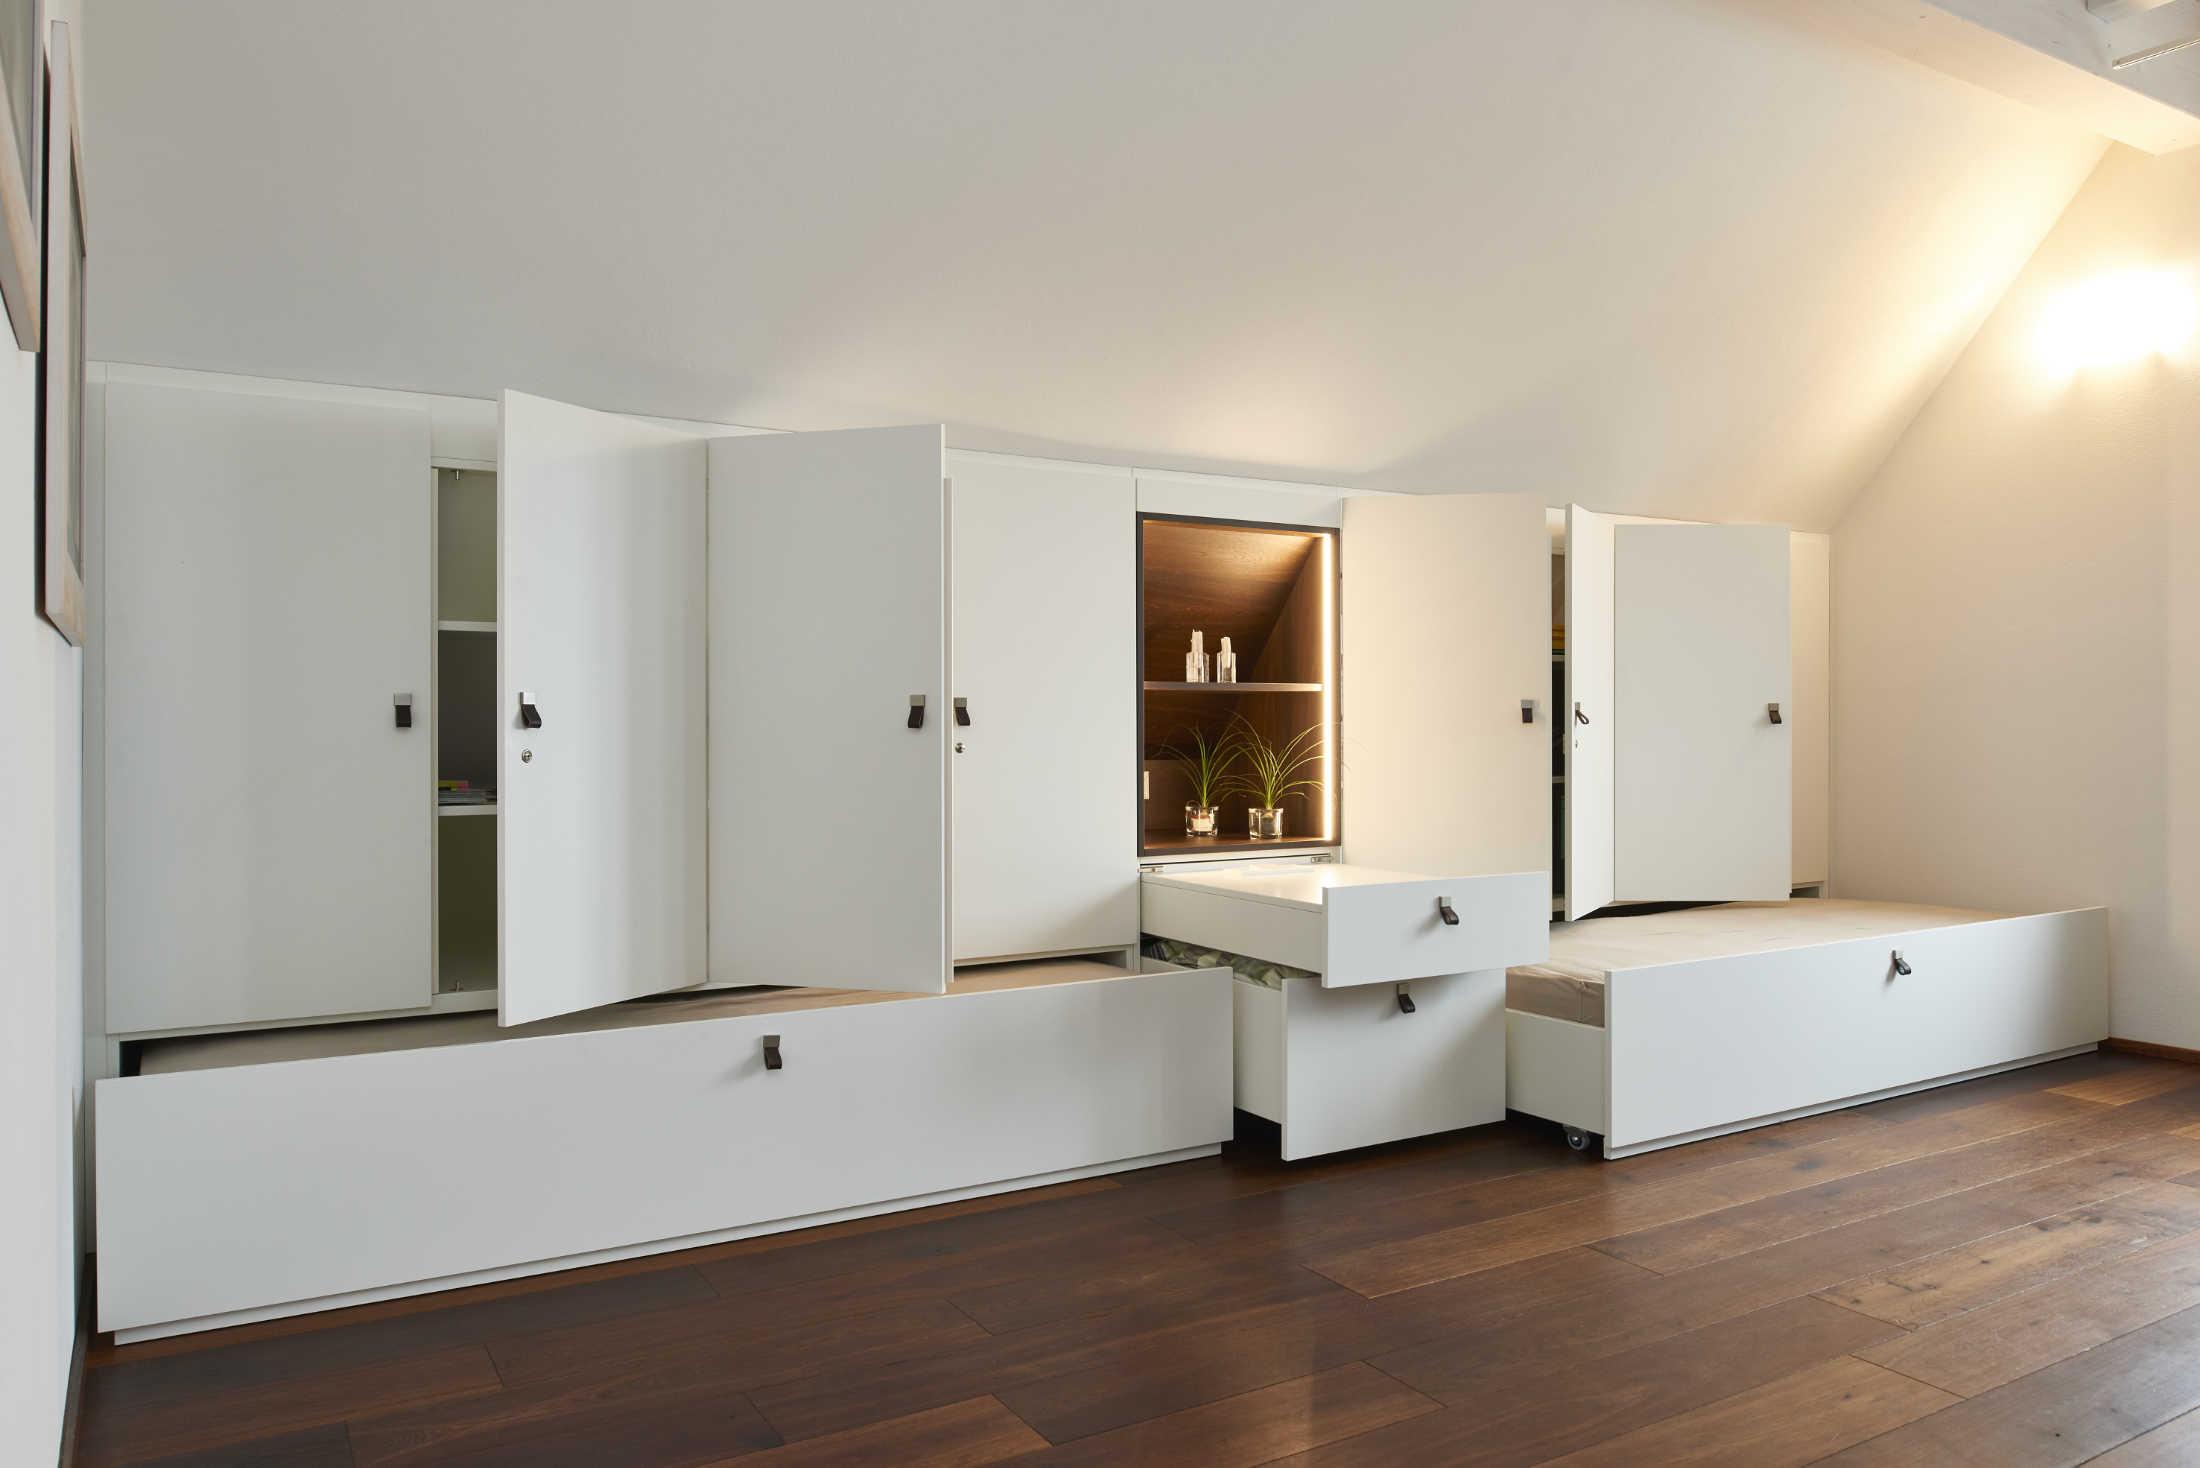 Möbel Bühler   Schreinerei für individuelle Möbel und Innenausbau